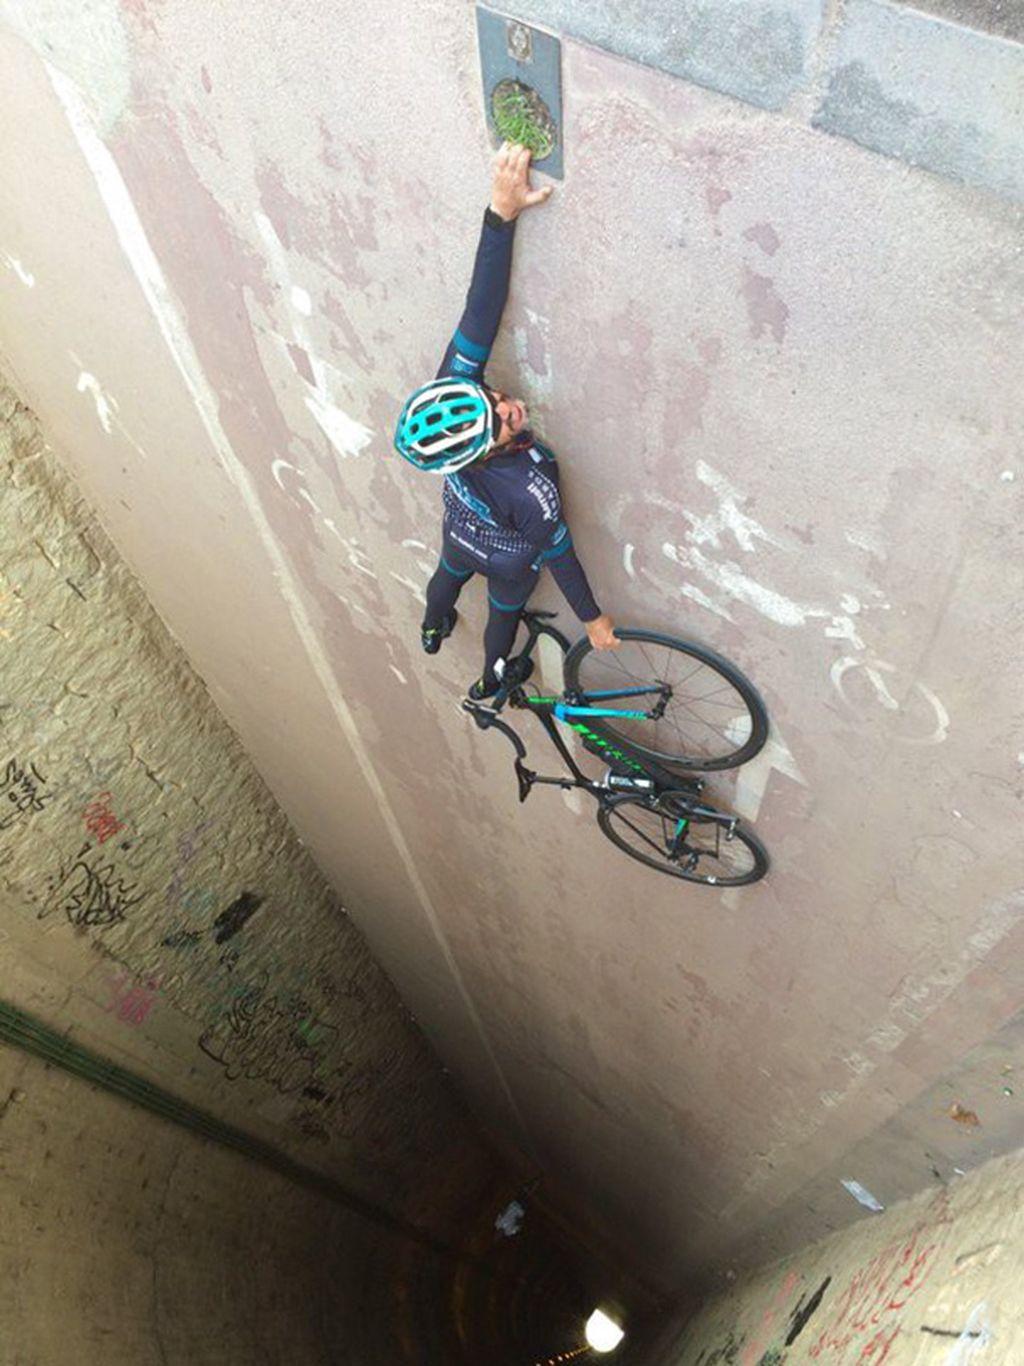 Pesepeda yang terlihat dalam bahaya. Padahal ia hanya tengkurap di jalan. Foto: boredpanda